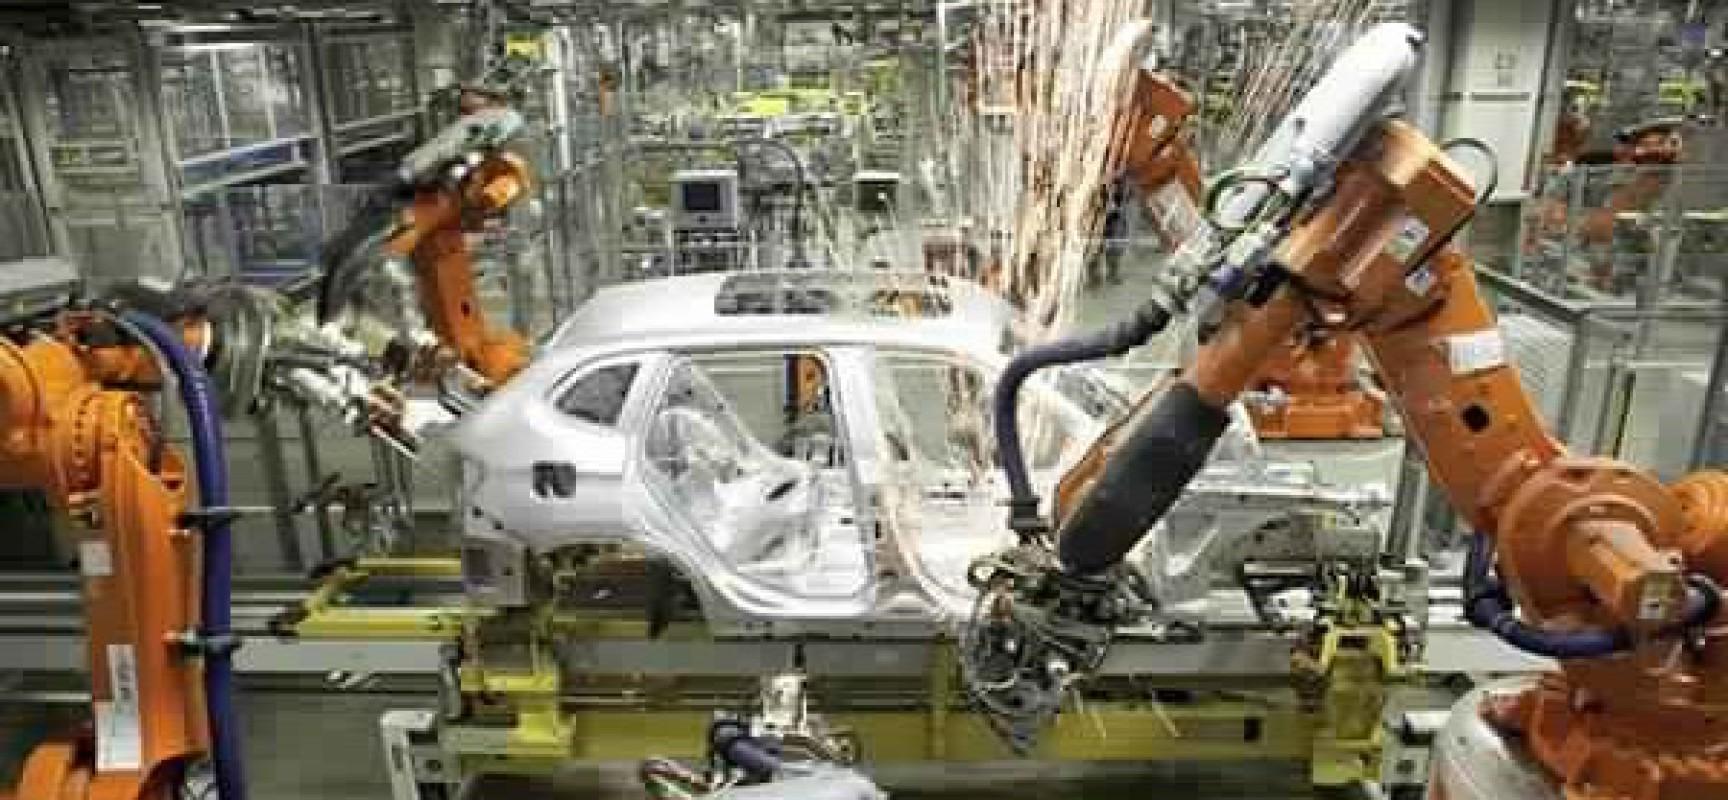 Première usine entièrement automatisée en Chine: Elle remplace 90% de ses employés par des robots